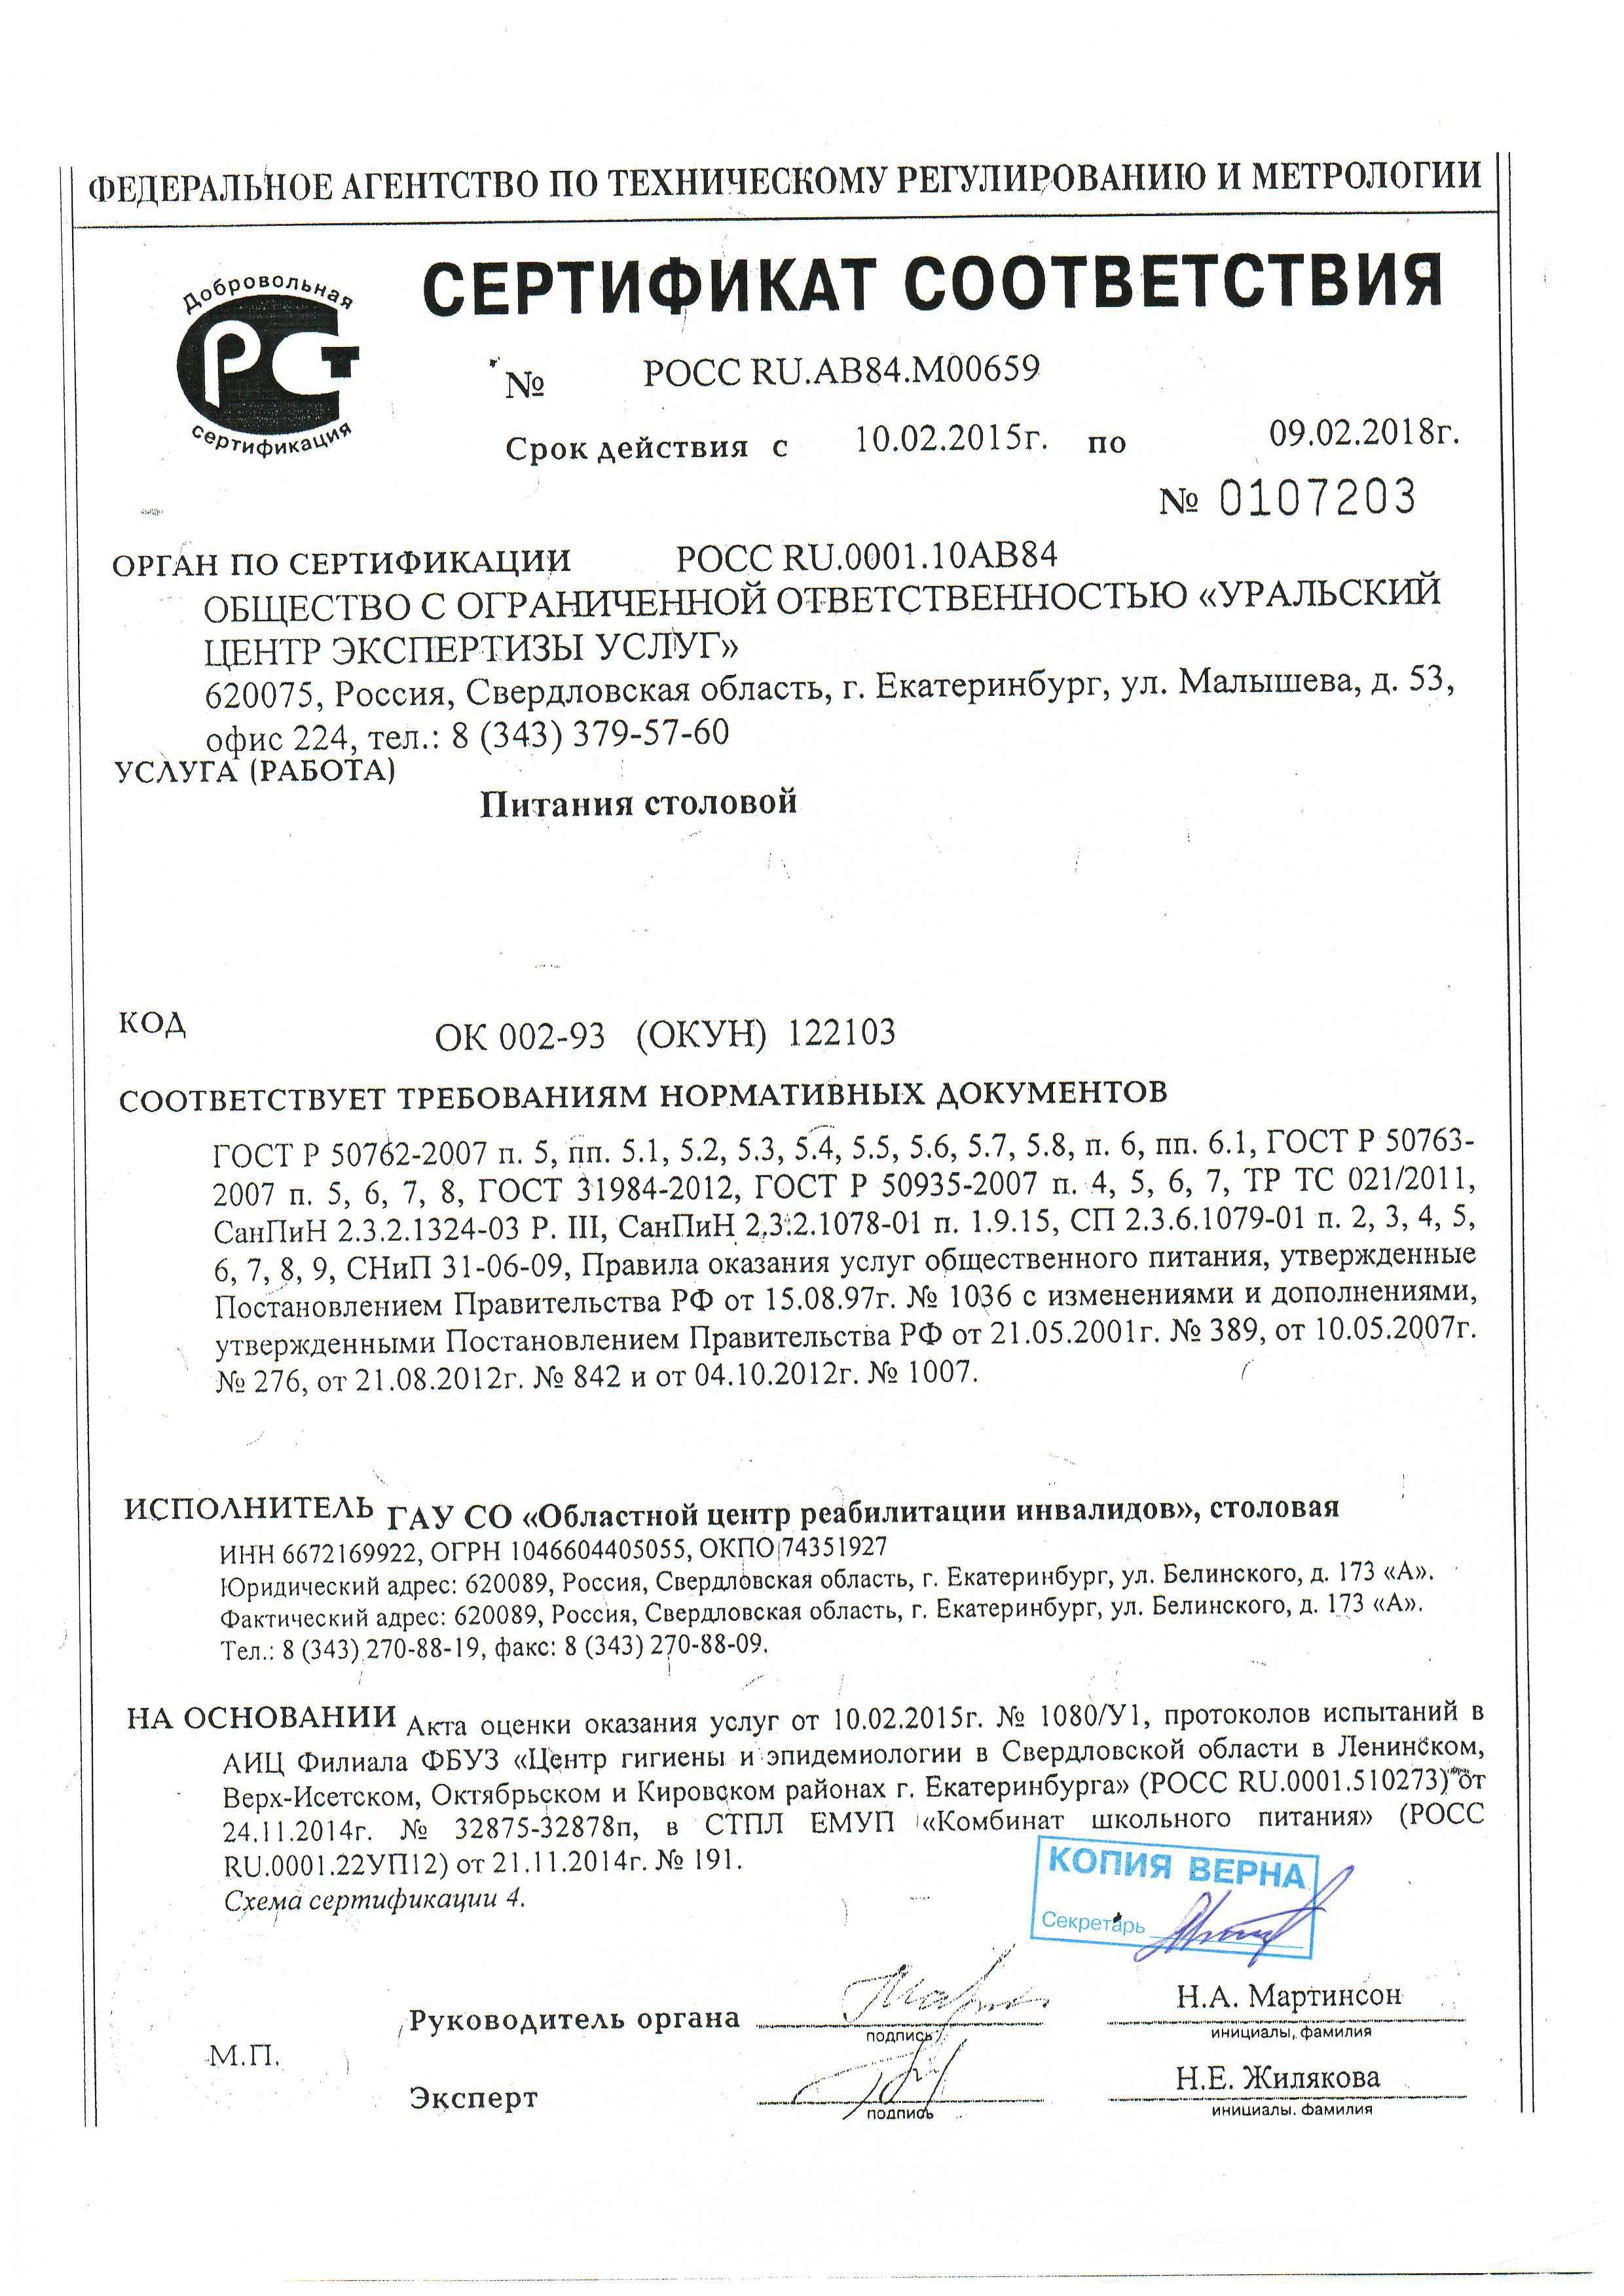 Сертификат соответствия по услуге питания столовой